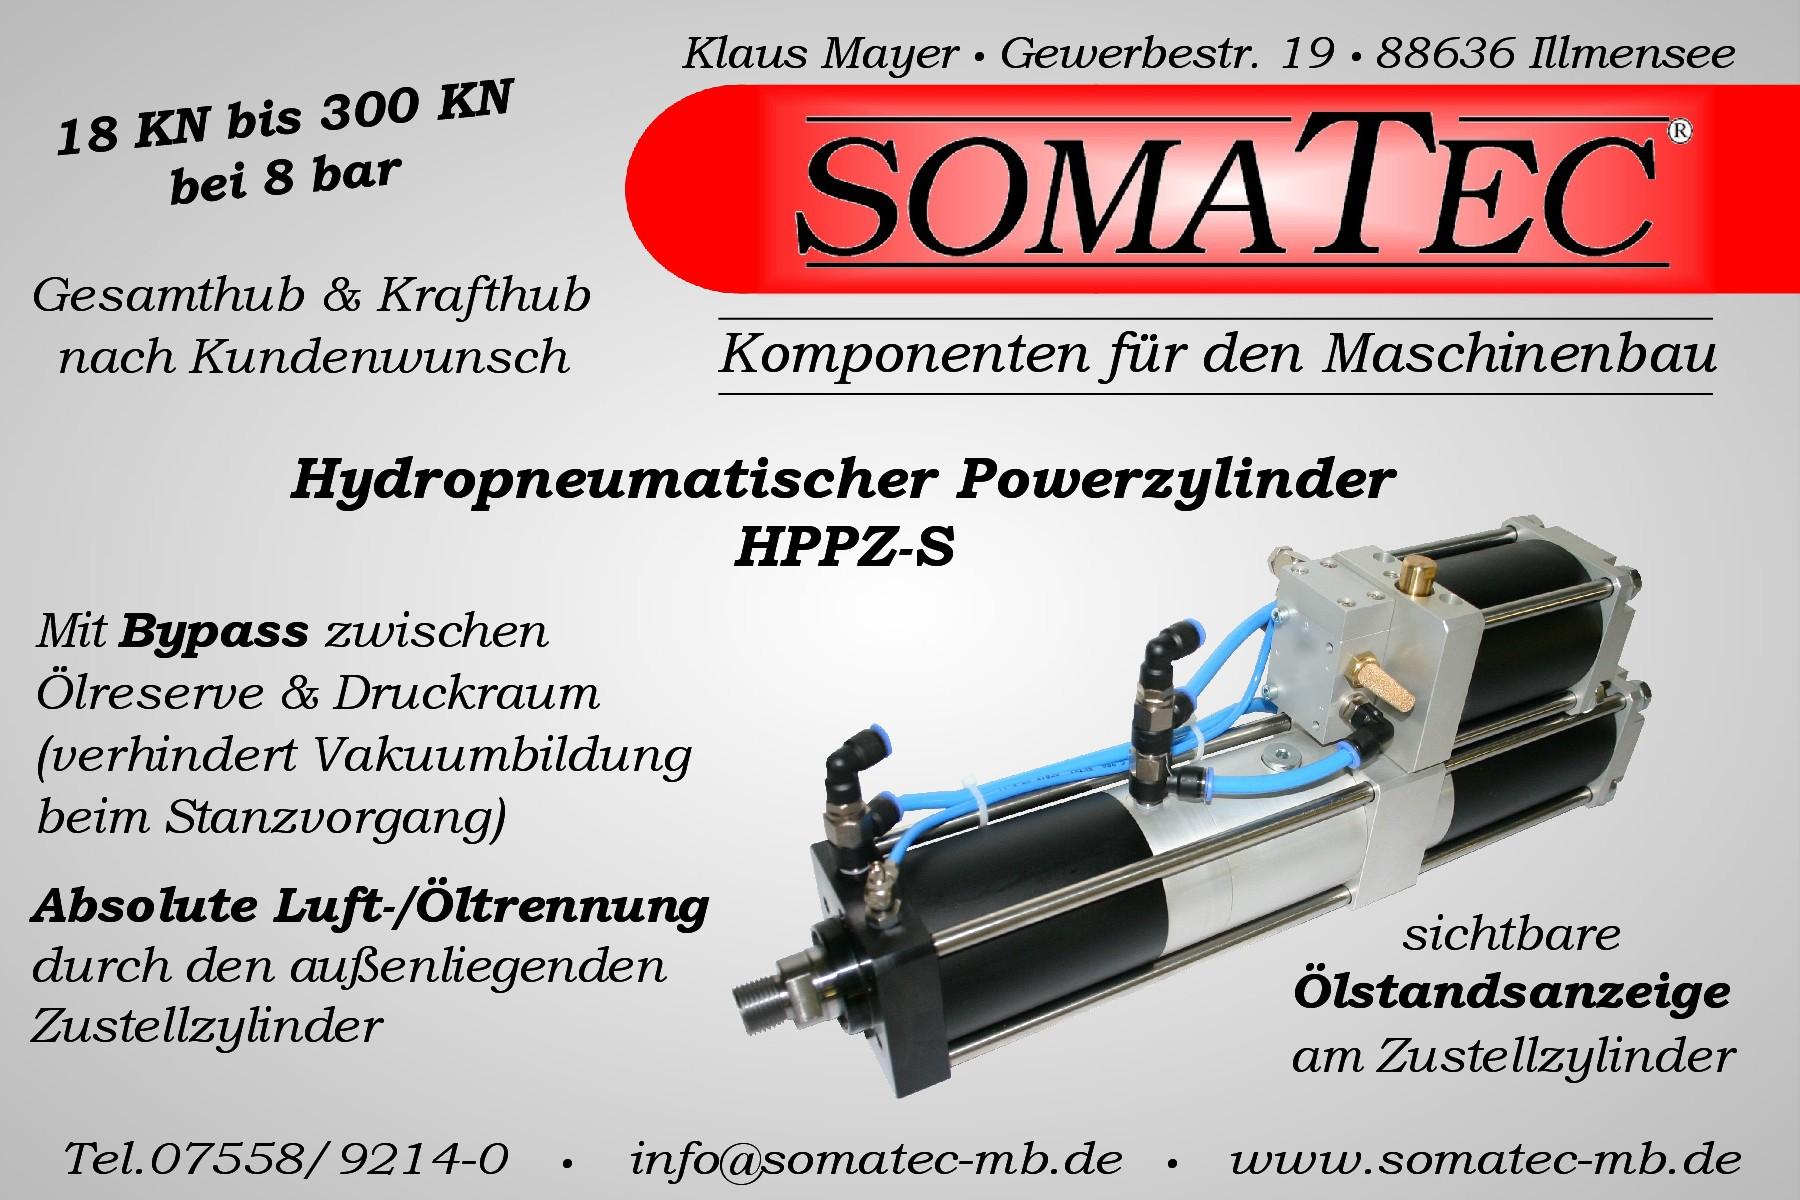 Hydropneumatischer Powerzylinder